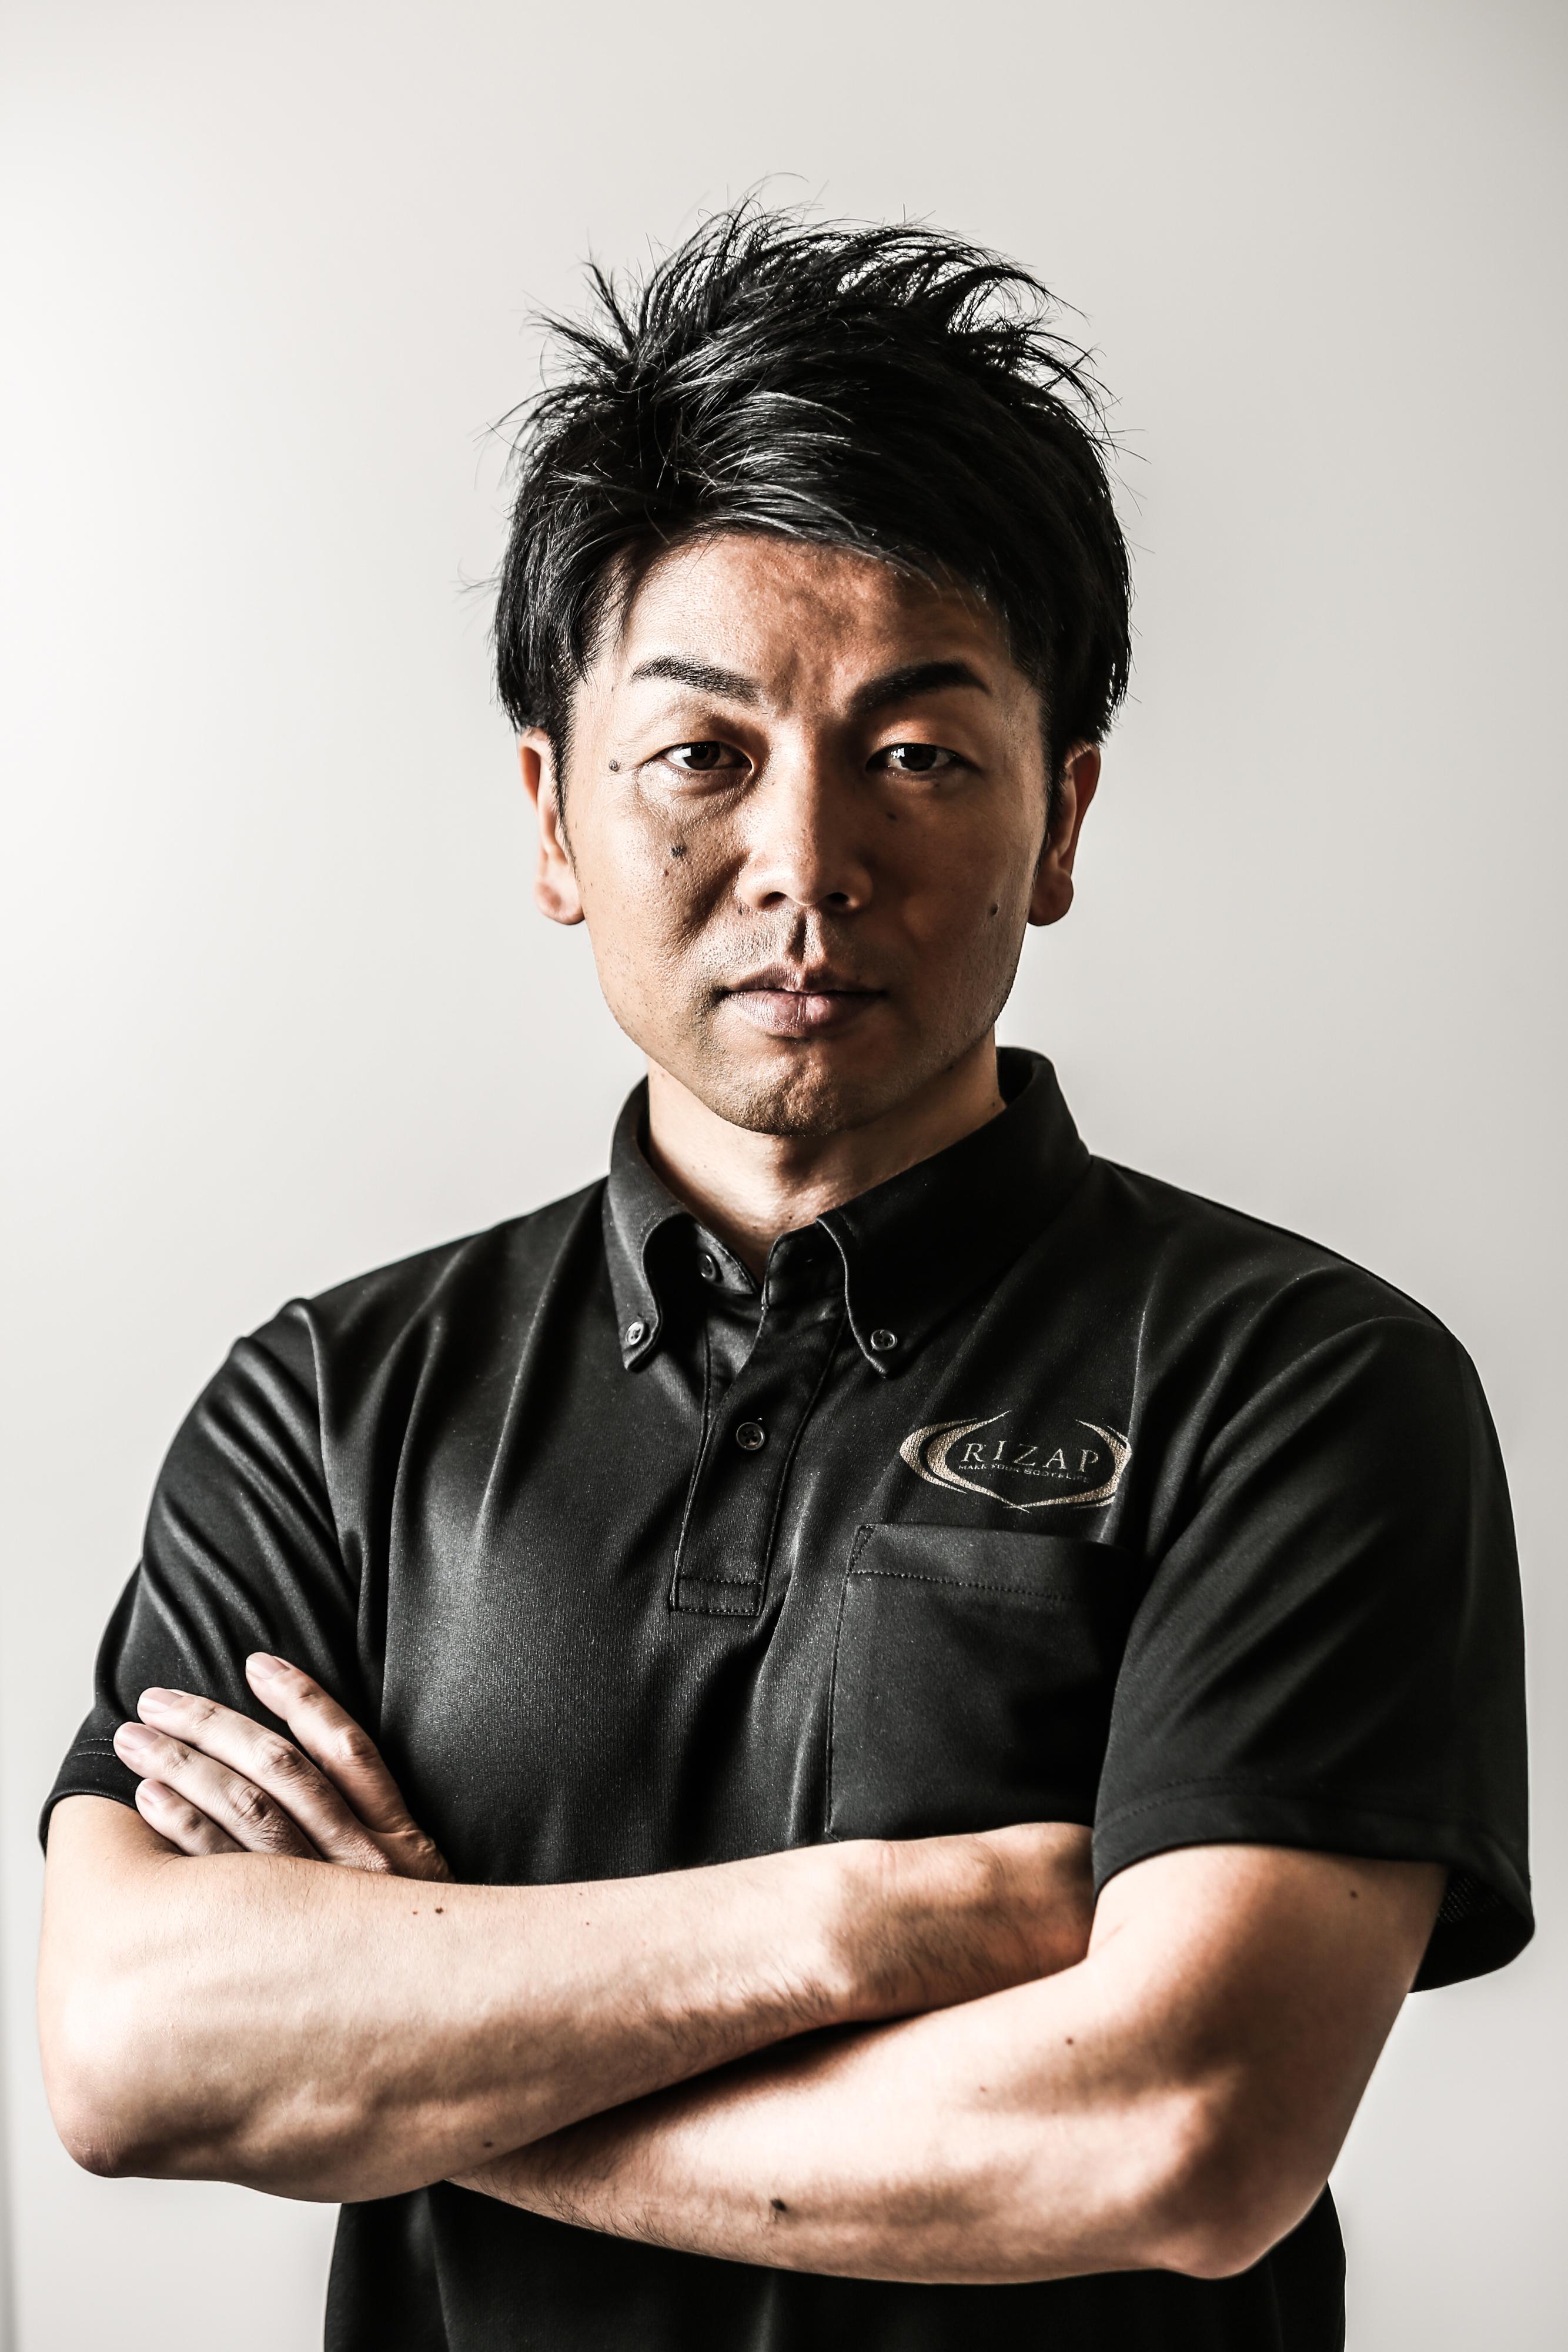 RIZAP ヘルスケア事業推進ユニット ユニット長 松崎主税先生